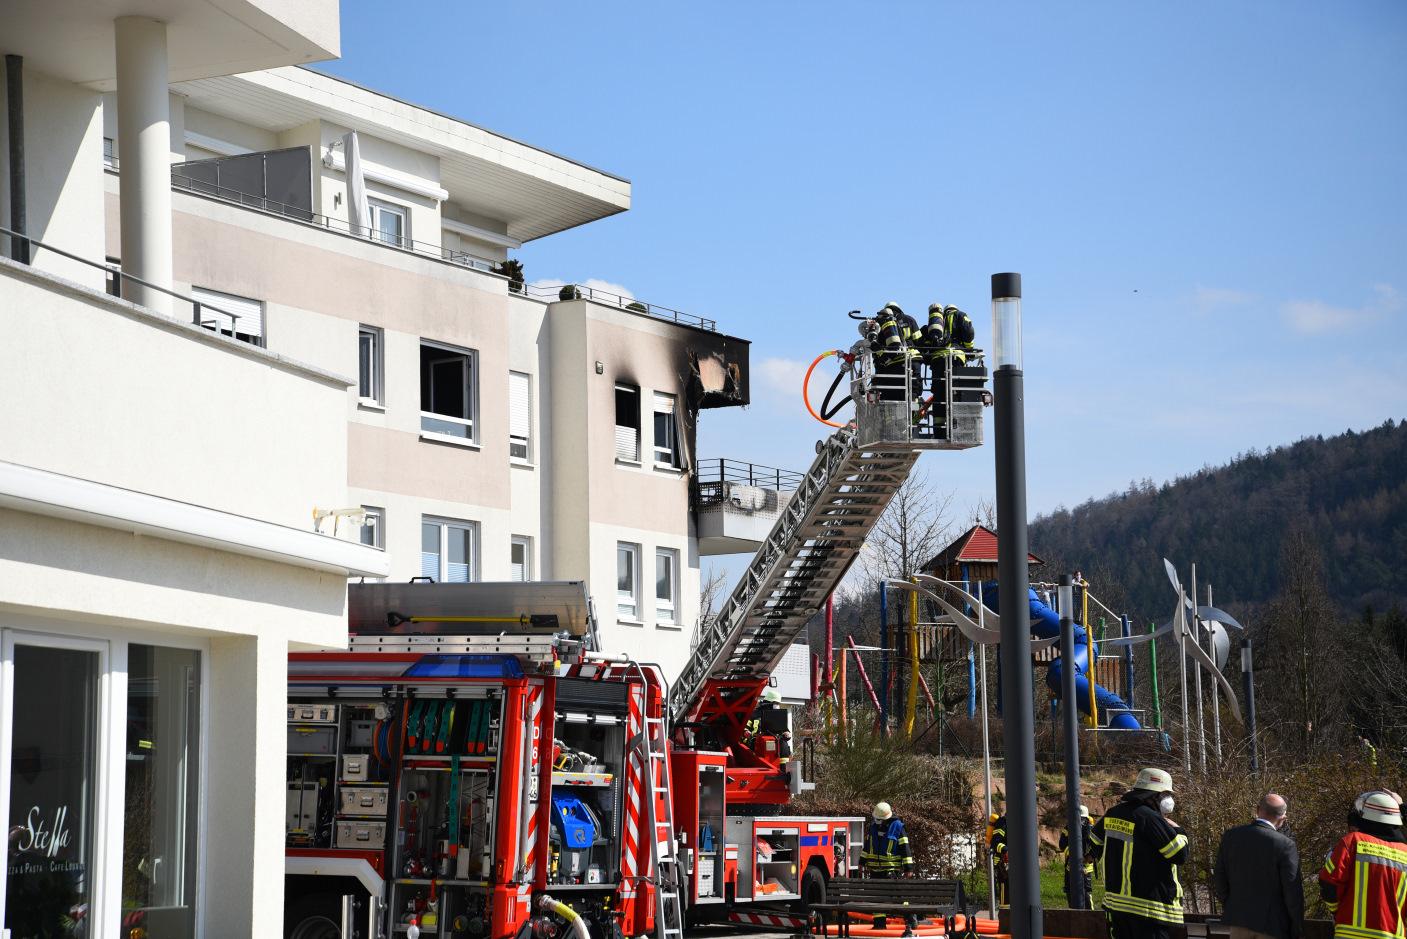 Neckargemünd/Rhein-Neckar-Kreis: Brand in Mehrfamilienhaus - Verdacht auf Rauchgasvergiftung bei 20-jähriger Bewohnerin